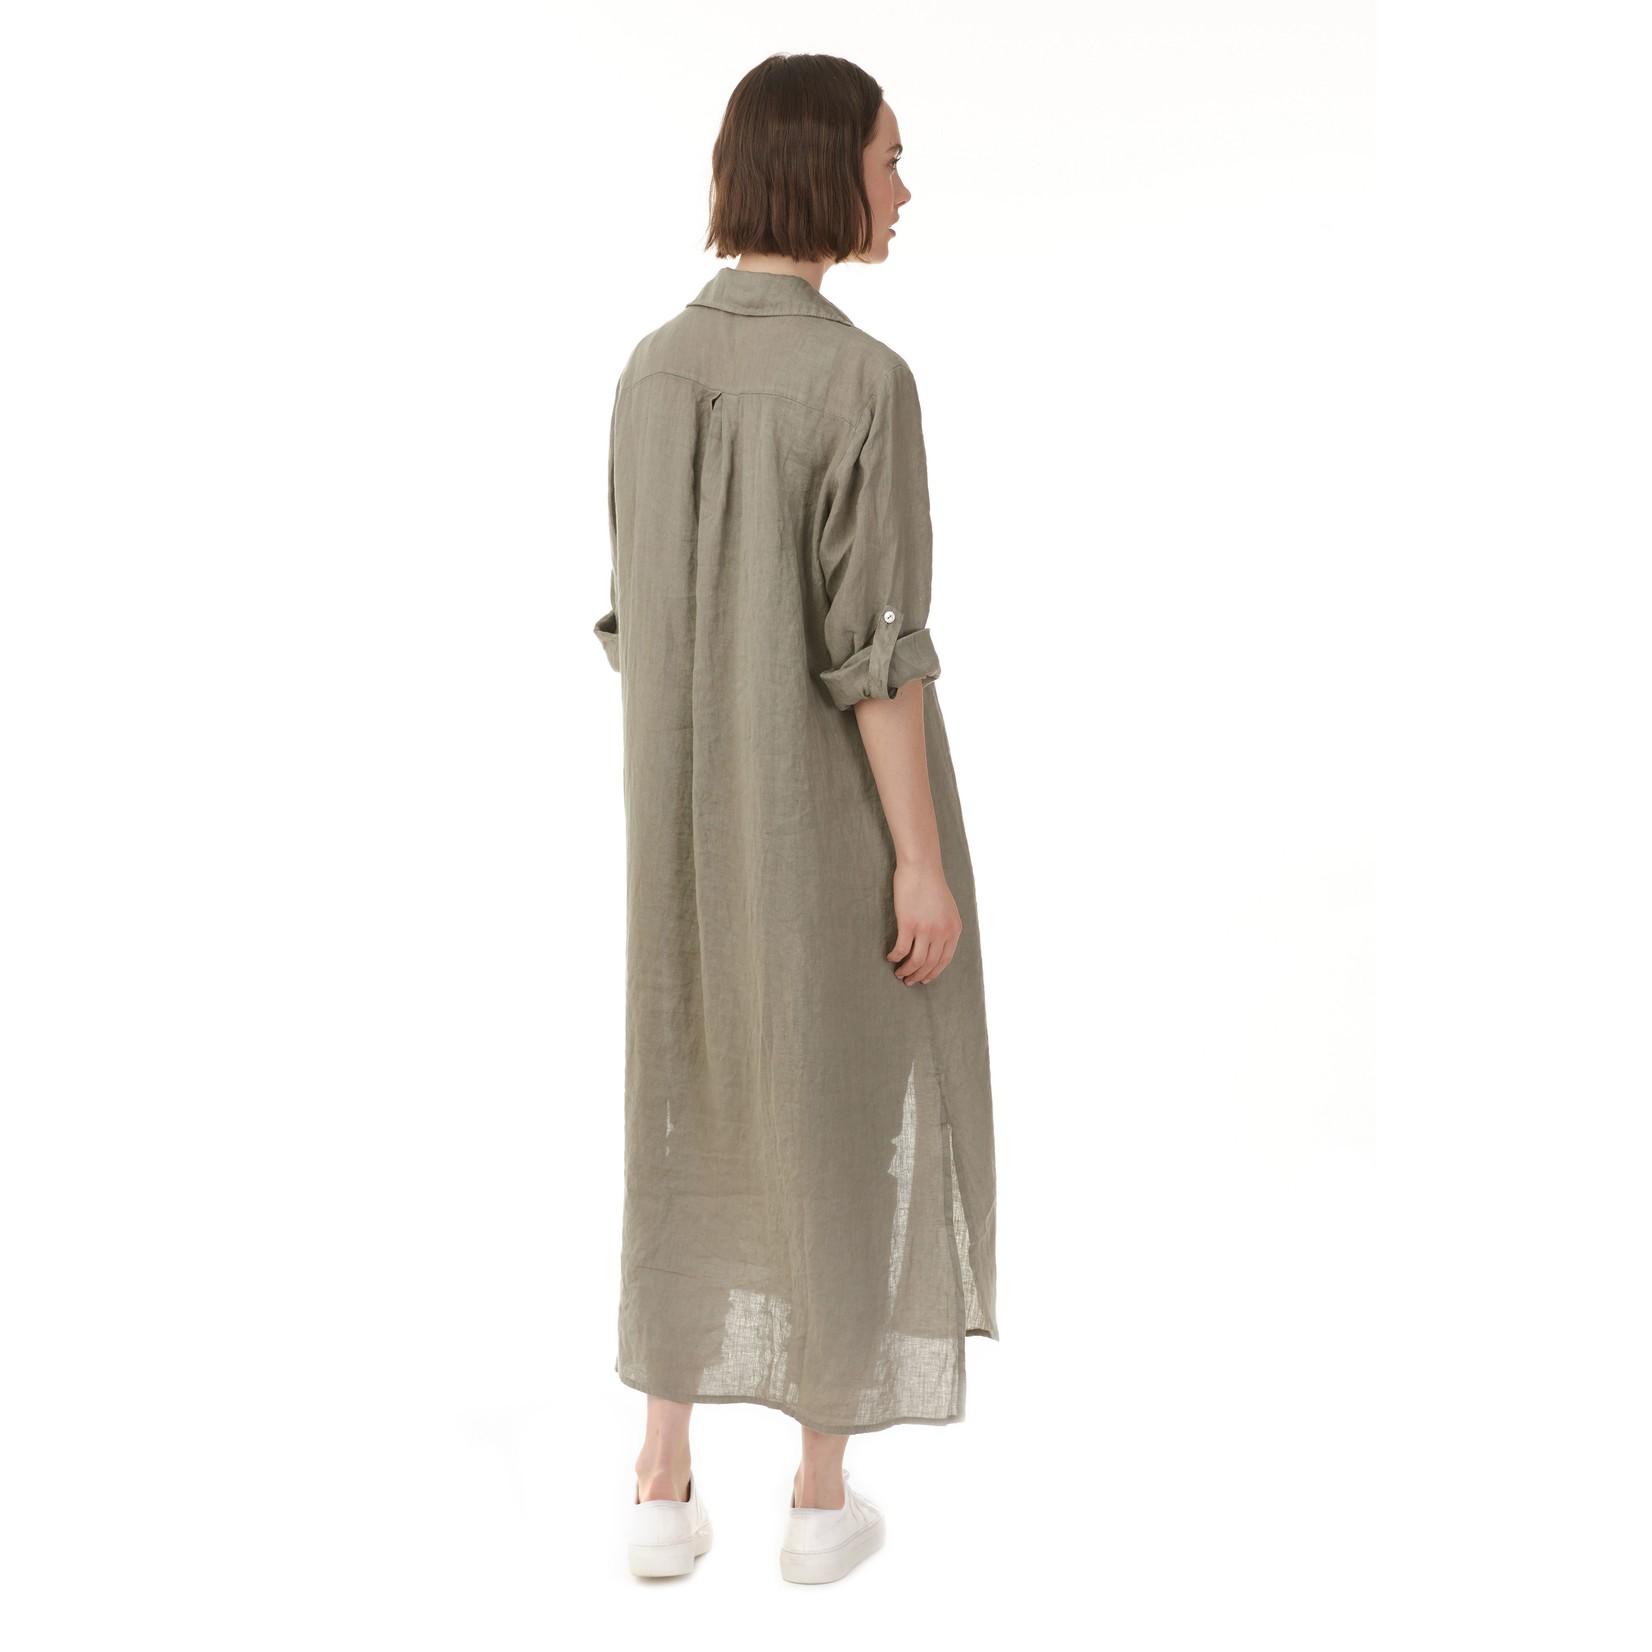 Charlie B Linen Dress